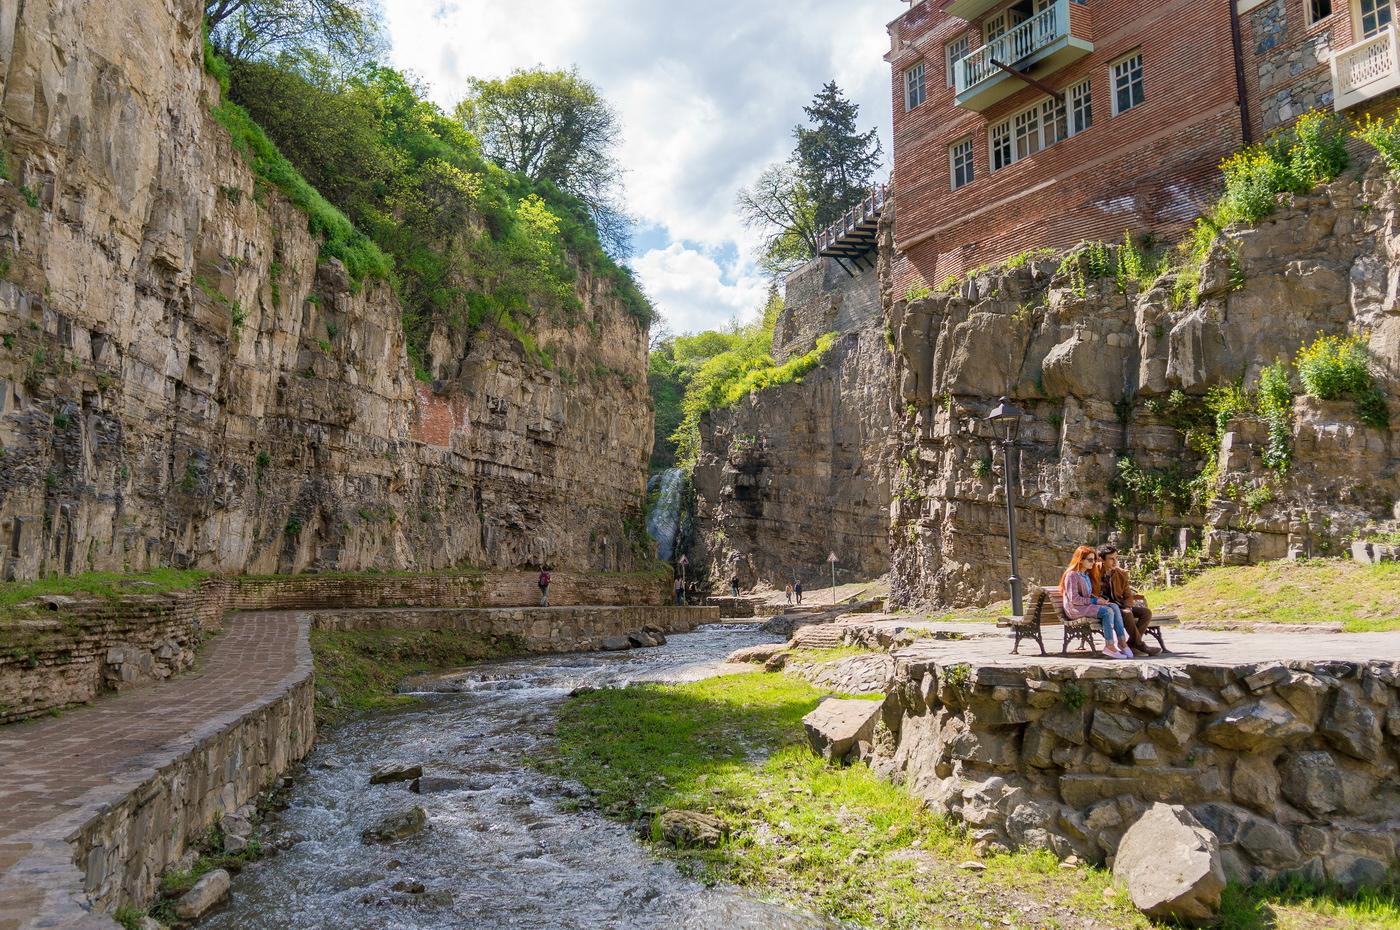 Кто хочет в Грузию? Тбилиси, Грузии, очень, городу, Услуги, включено, старому, Вылет, пешая, красивейшему, изучить, посещение, Трансфер, Имеретия, гостиницу, экскурсия, Стоимость, Грузию, Кутаиси, местах